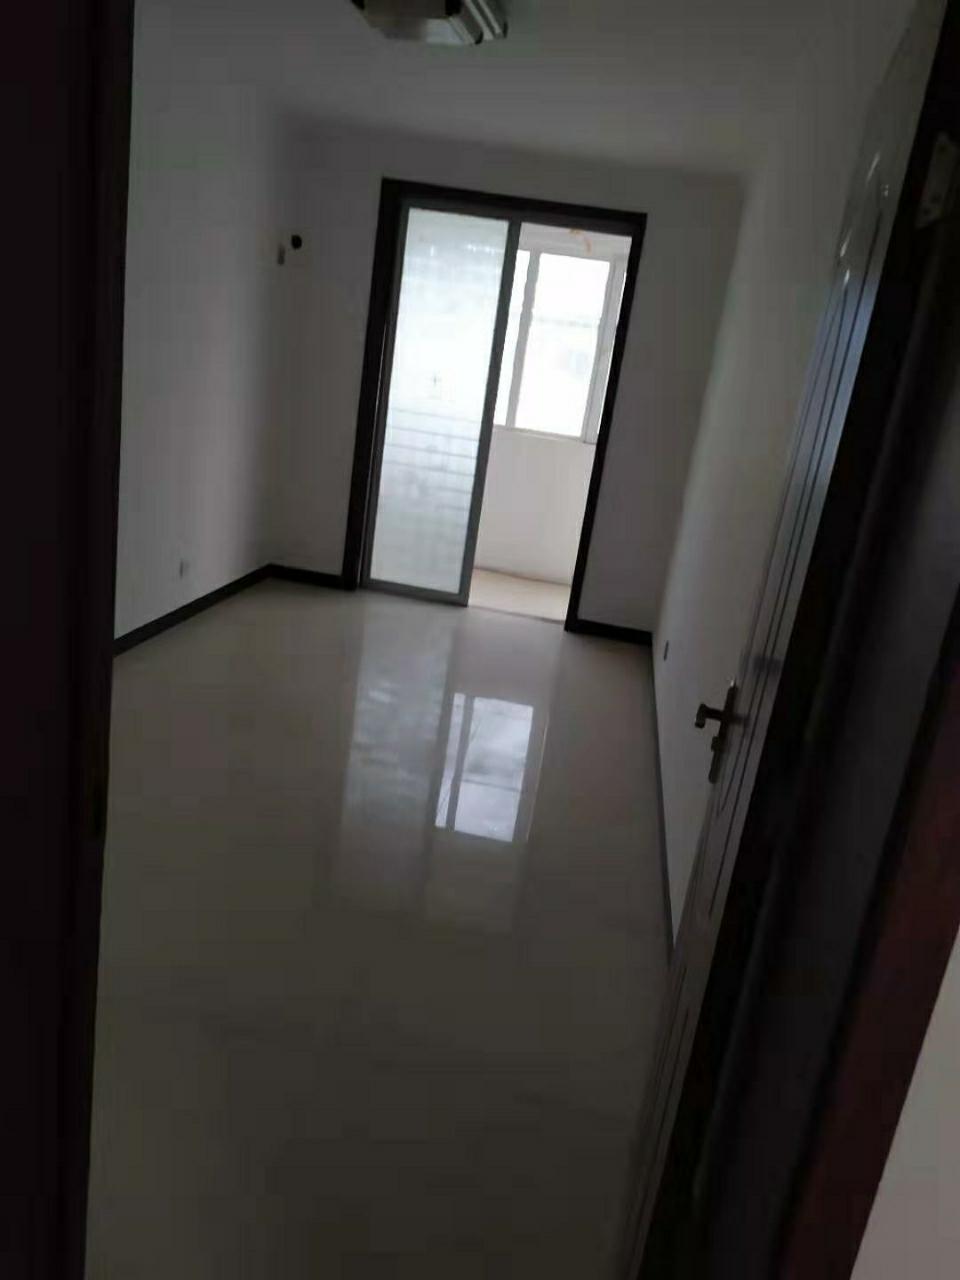 朝晖花园2室 新装双卧客厅朝阳带小院首付25左右